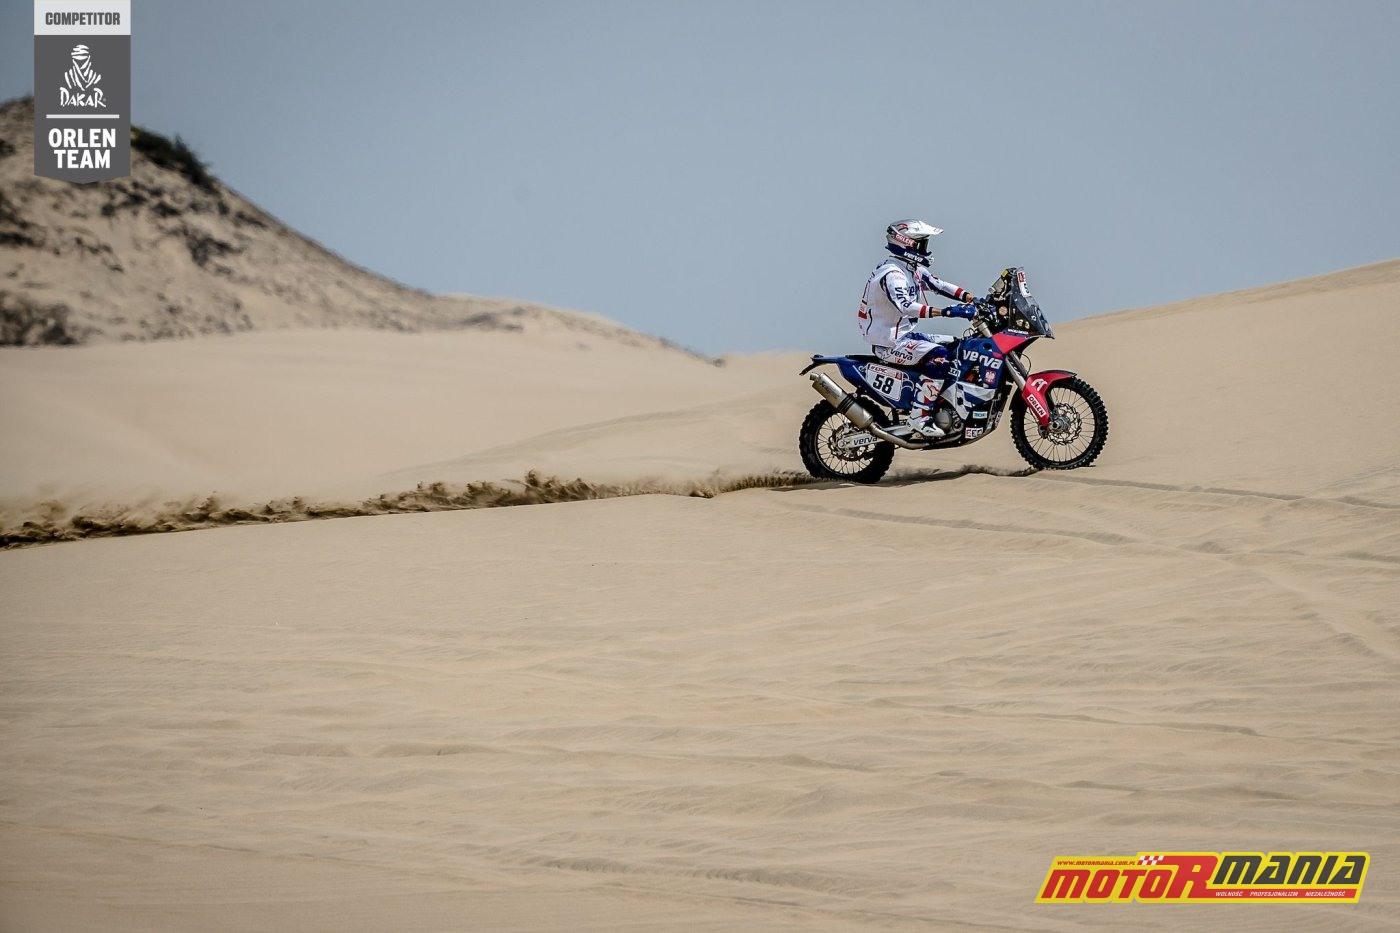 Dakar2018 D01 ORLEN_Team Giemza_5 MCH_Photo_OT